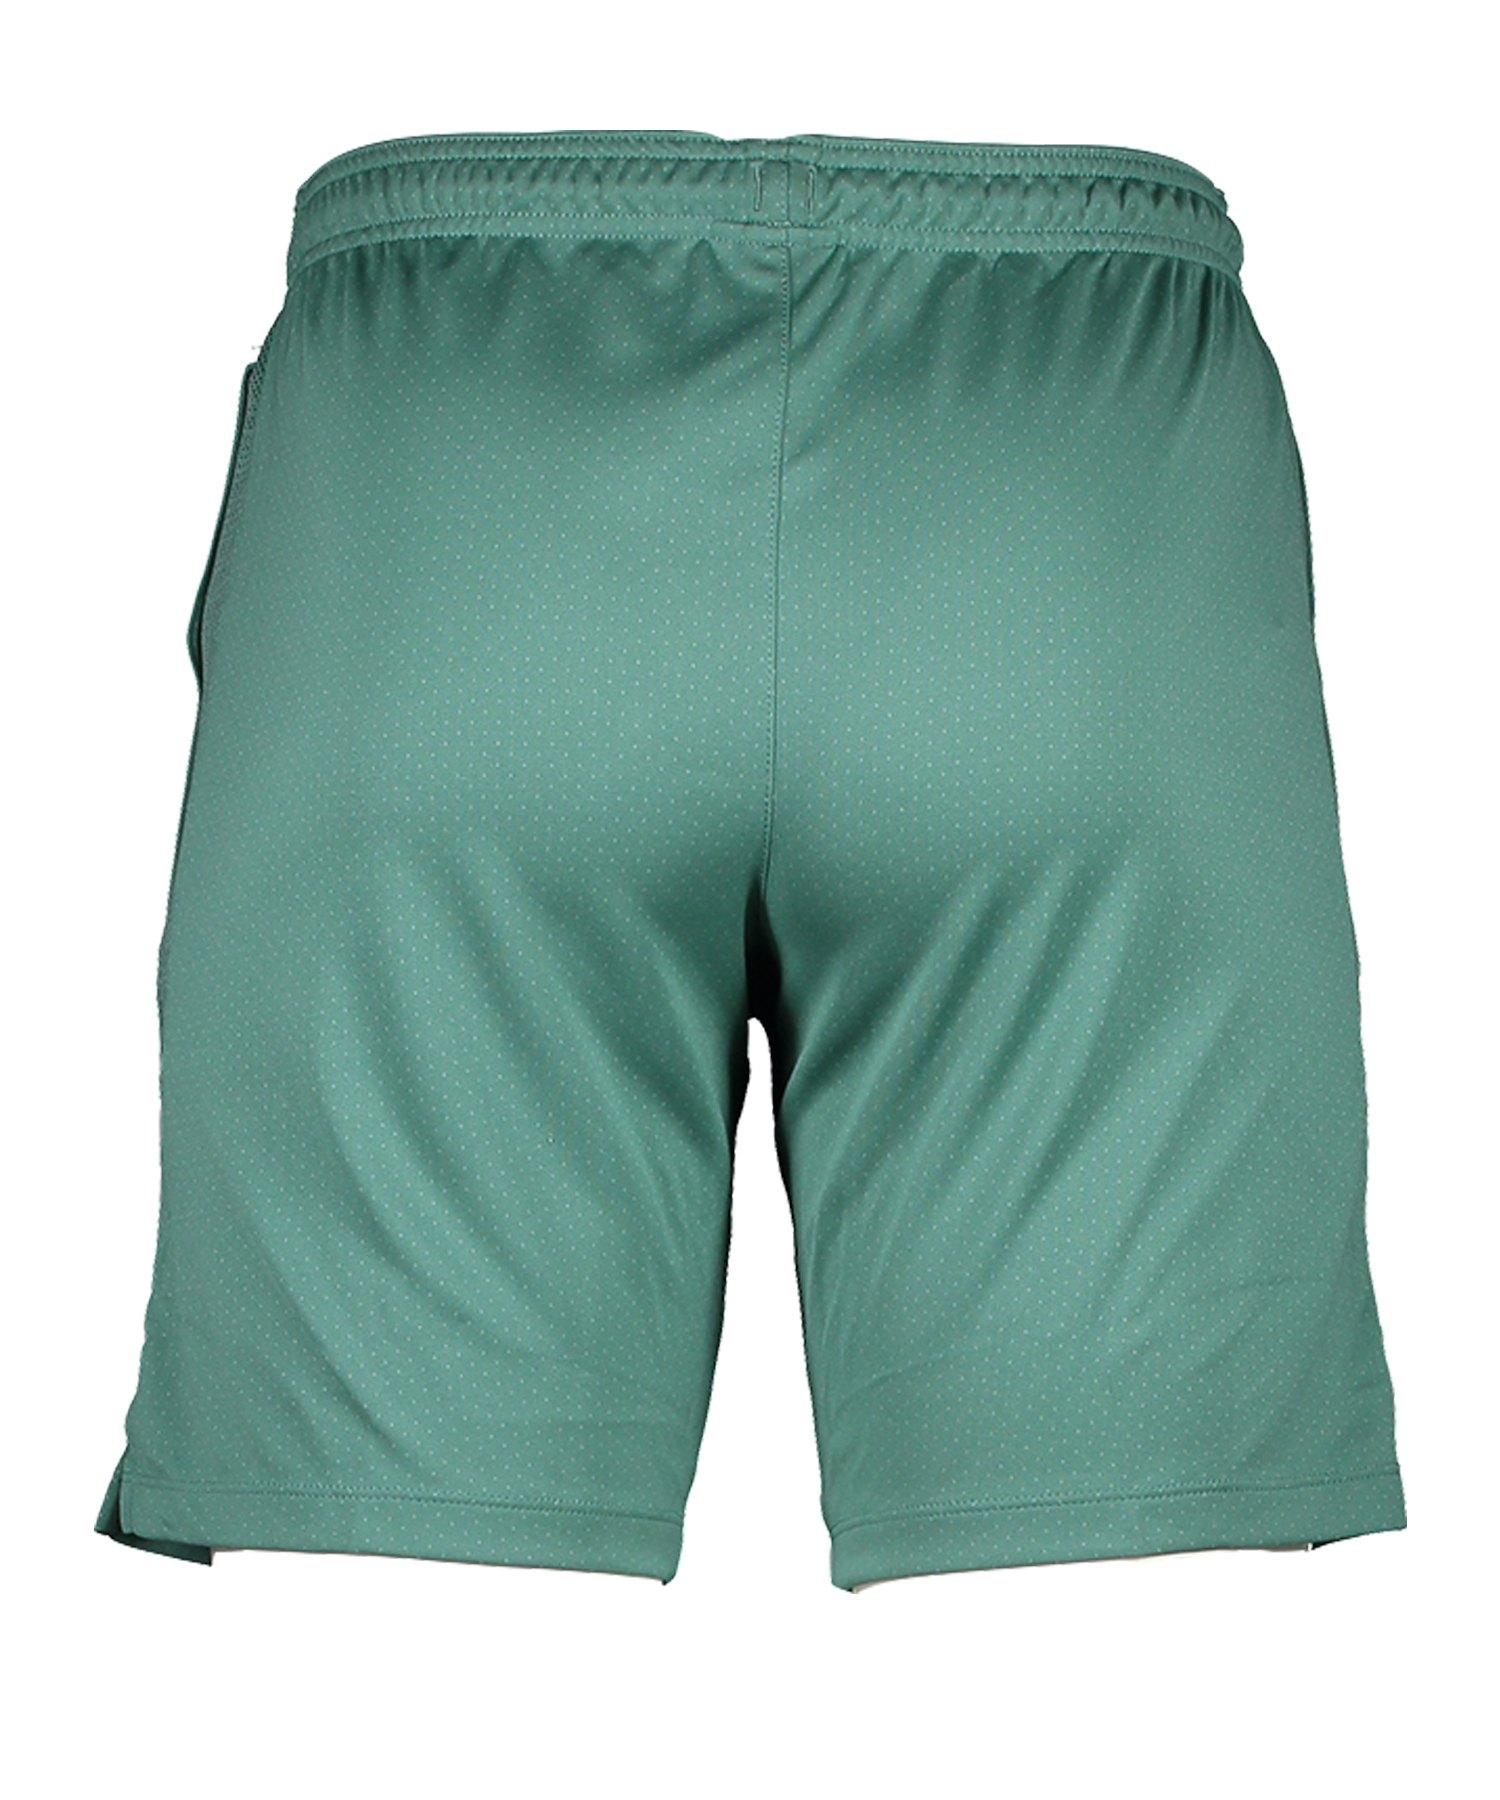 shorts grün nike reißverschluss